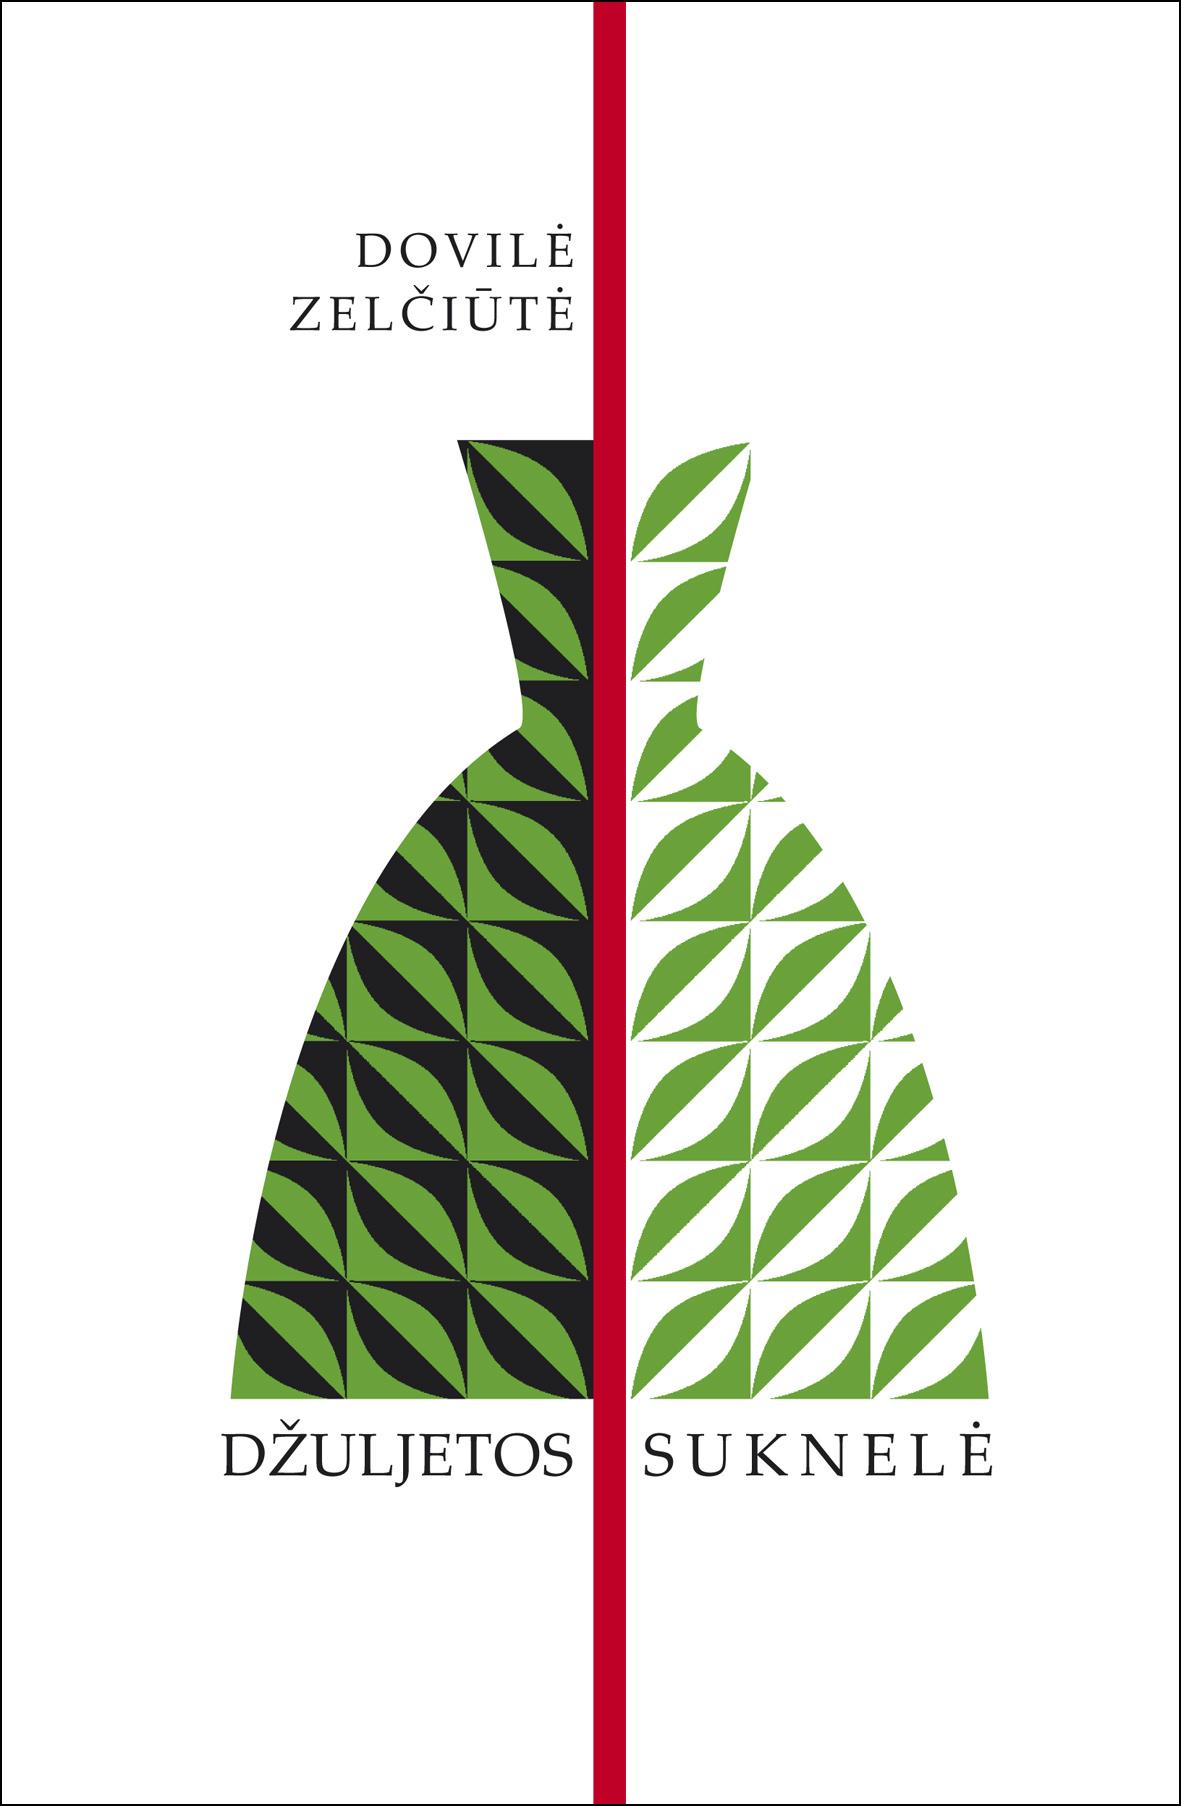 """Dovilė Zelčiūtė """"Džuljetos suknelė"""" (Vilnius: Lietuvos rašytojų sąjungos leidykla, 2013)"""